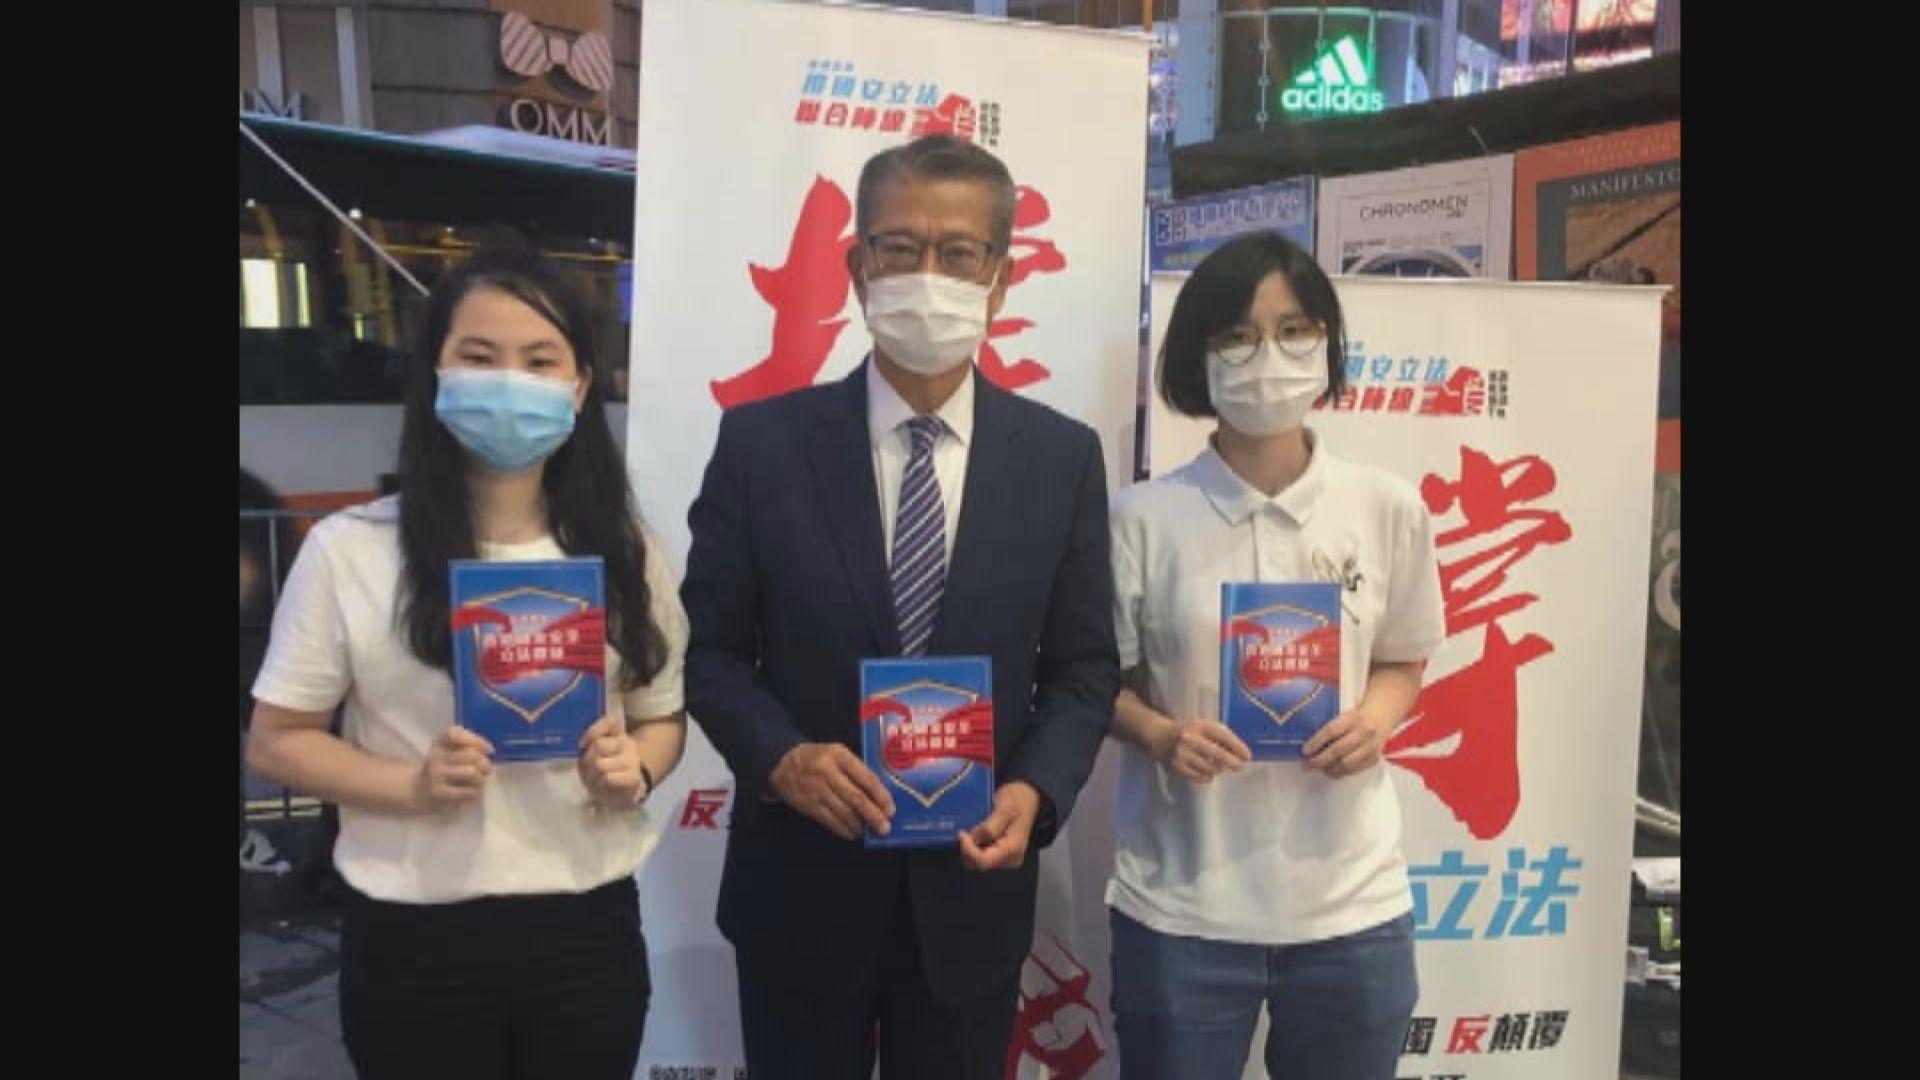 多名司局到街站簽名及發言 籲市民支持香港國安法